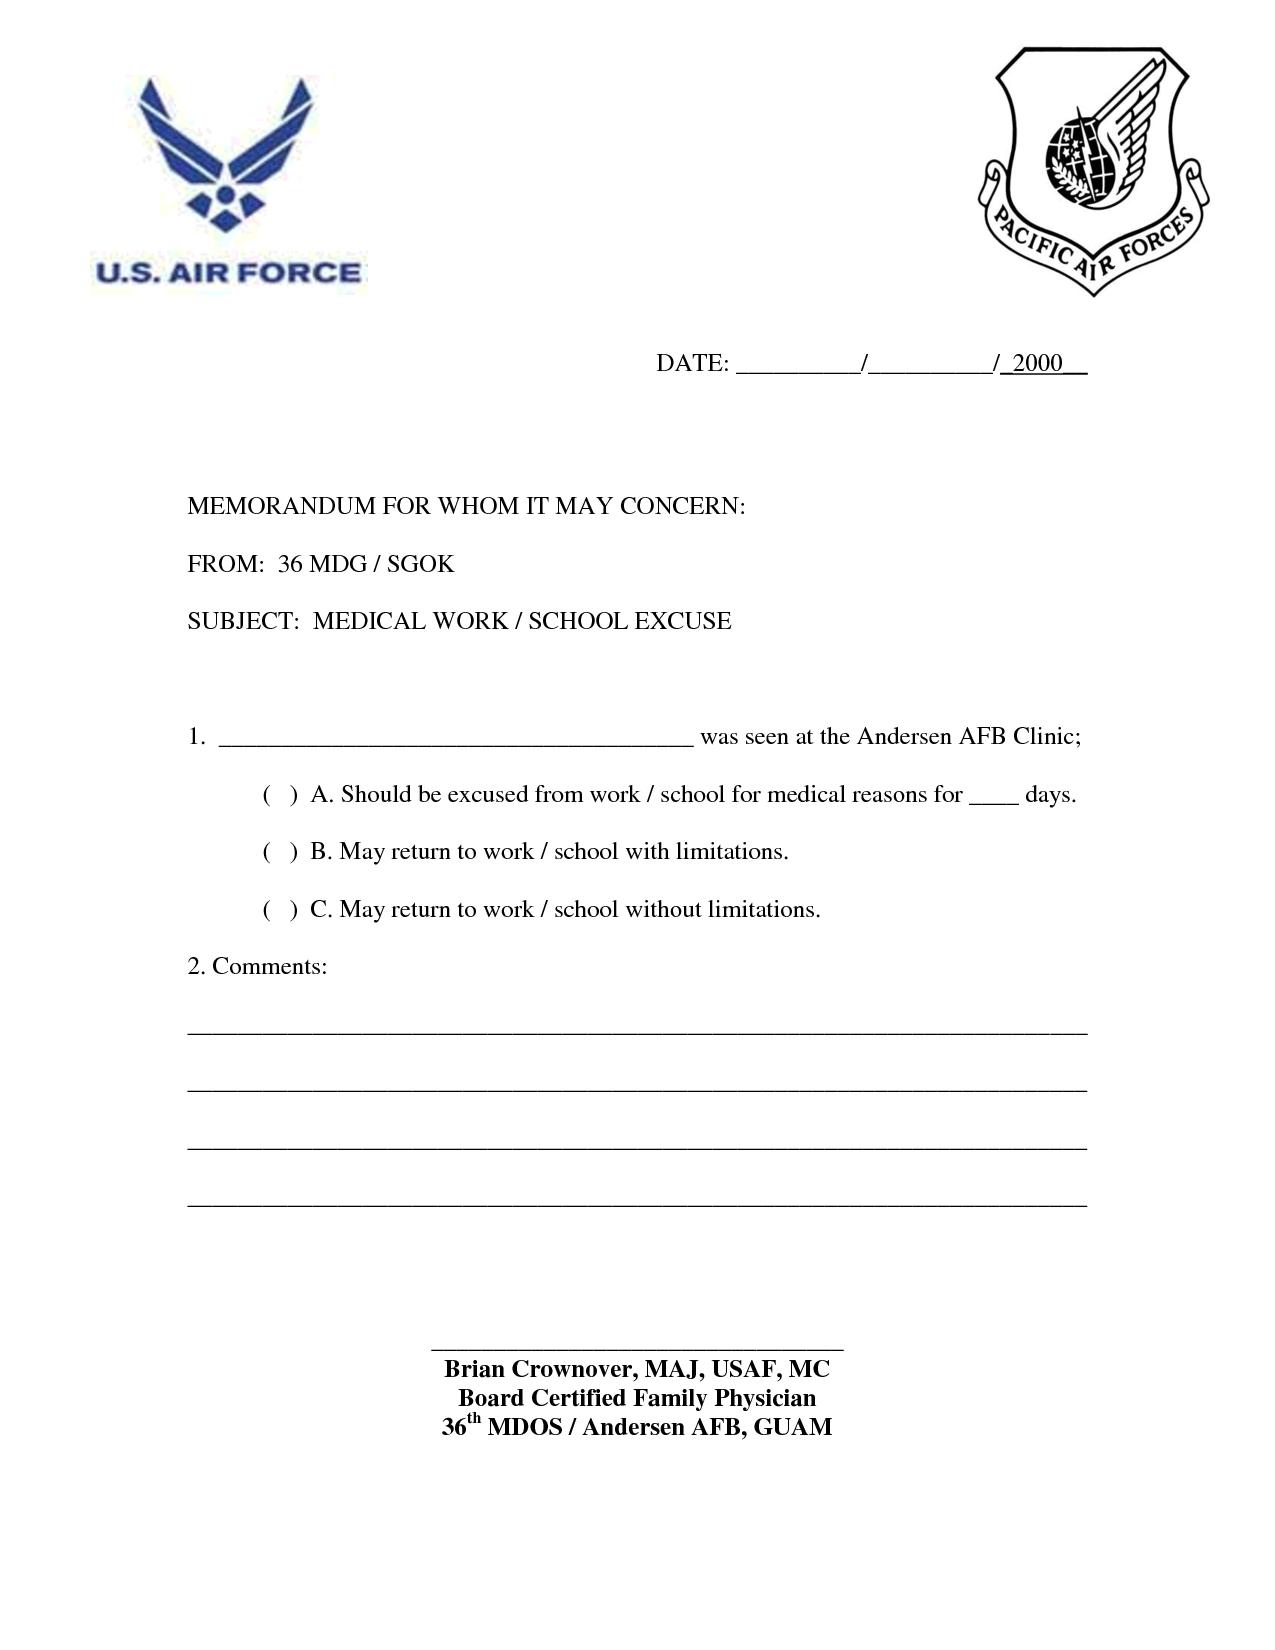 Free Sample Medical Certificate Copy Fake Template Download With Free Fake Medical Certificate Template